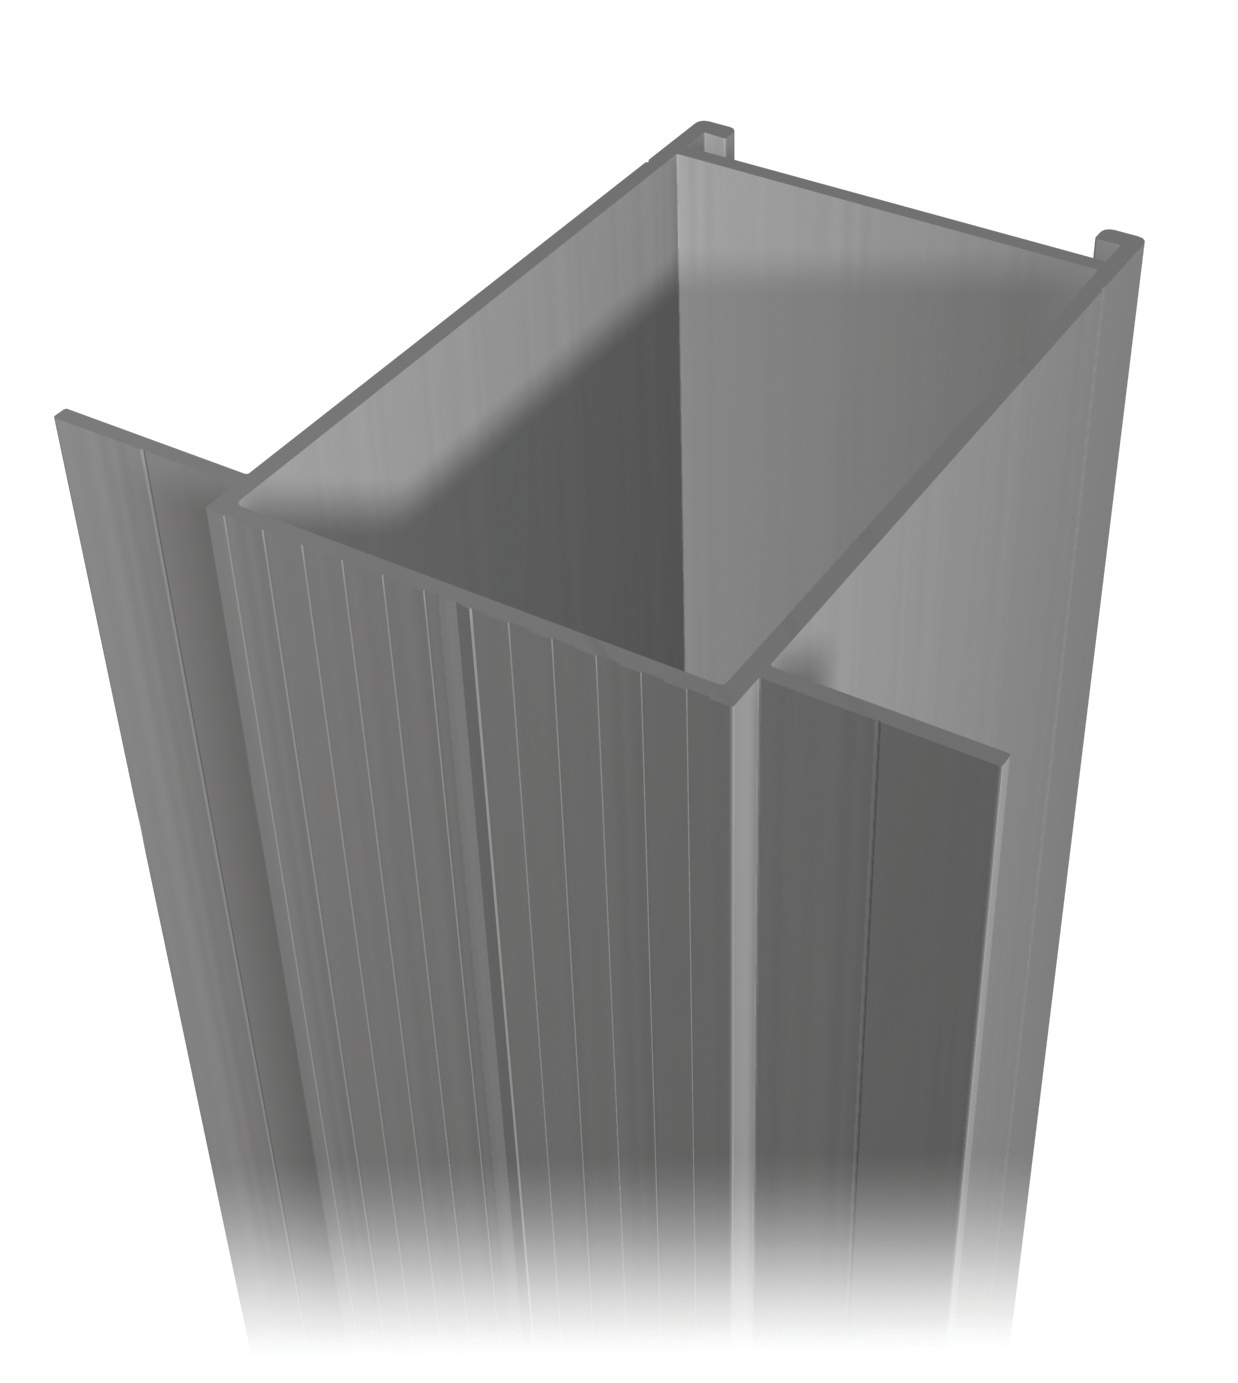 Aluminum profile A-24.1